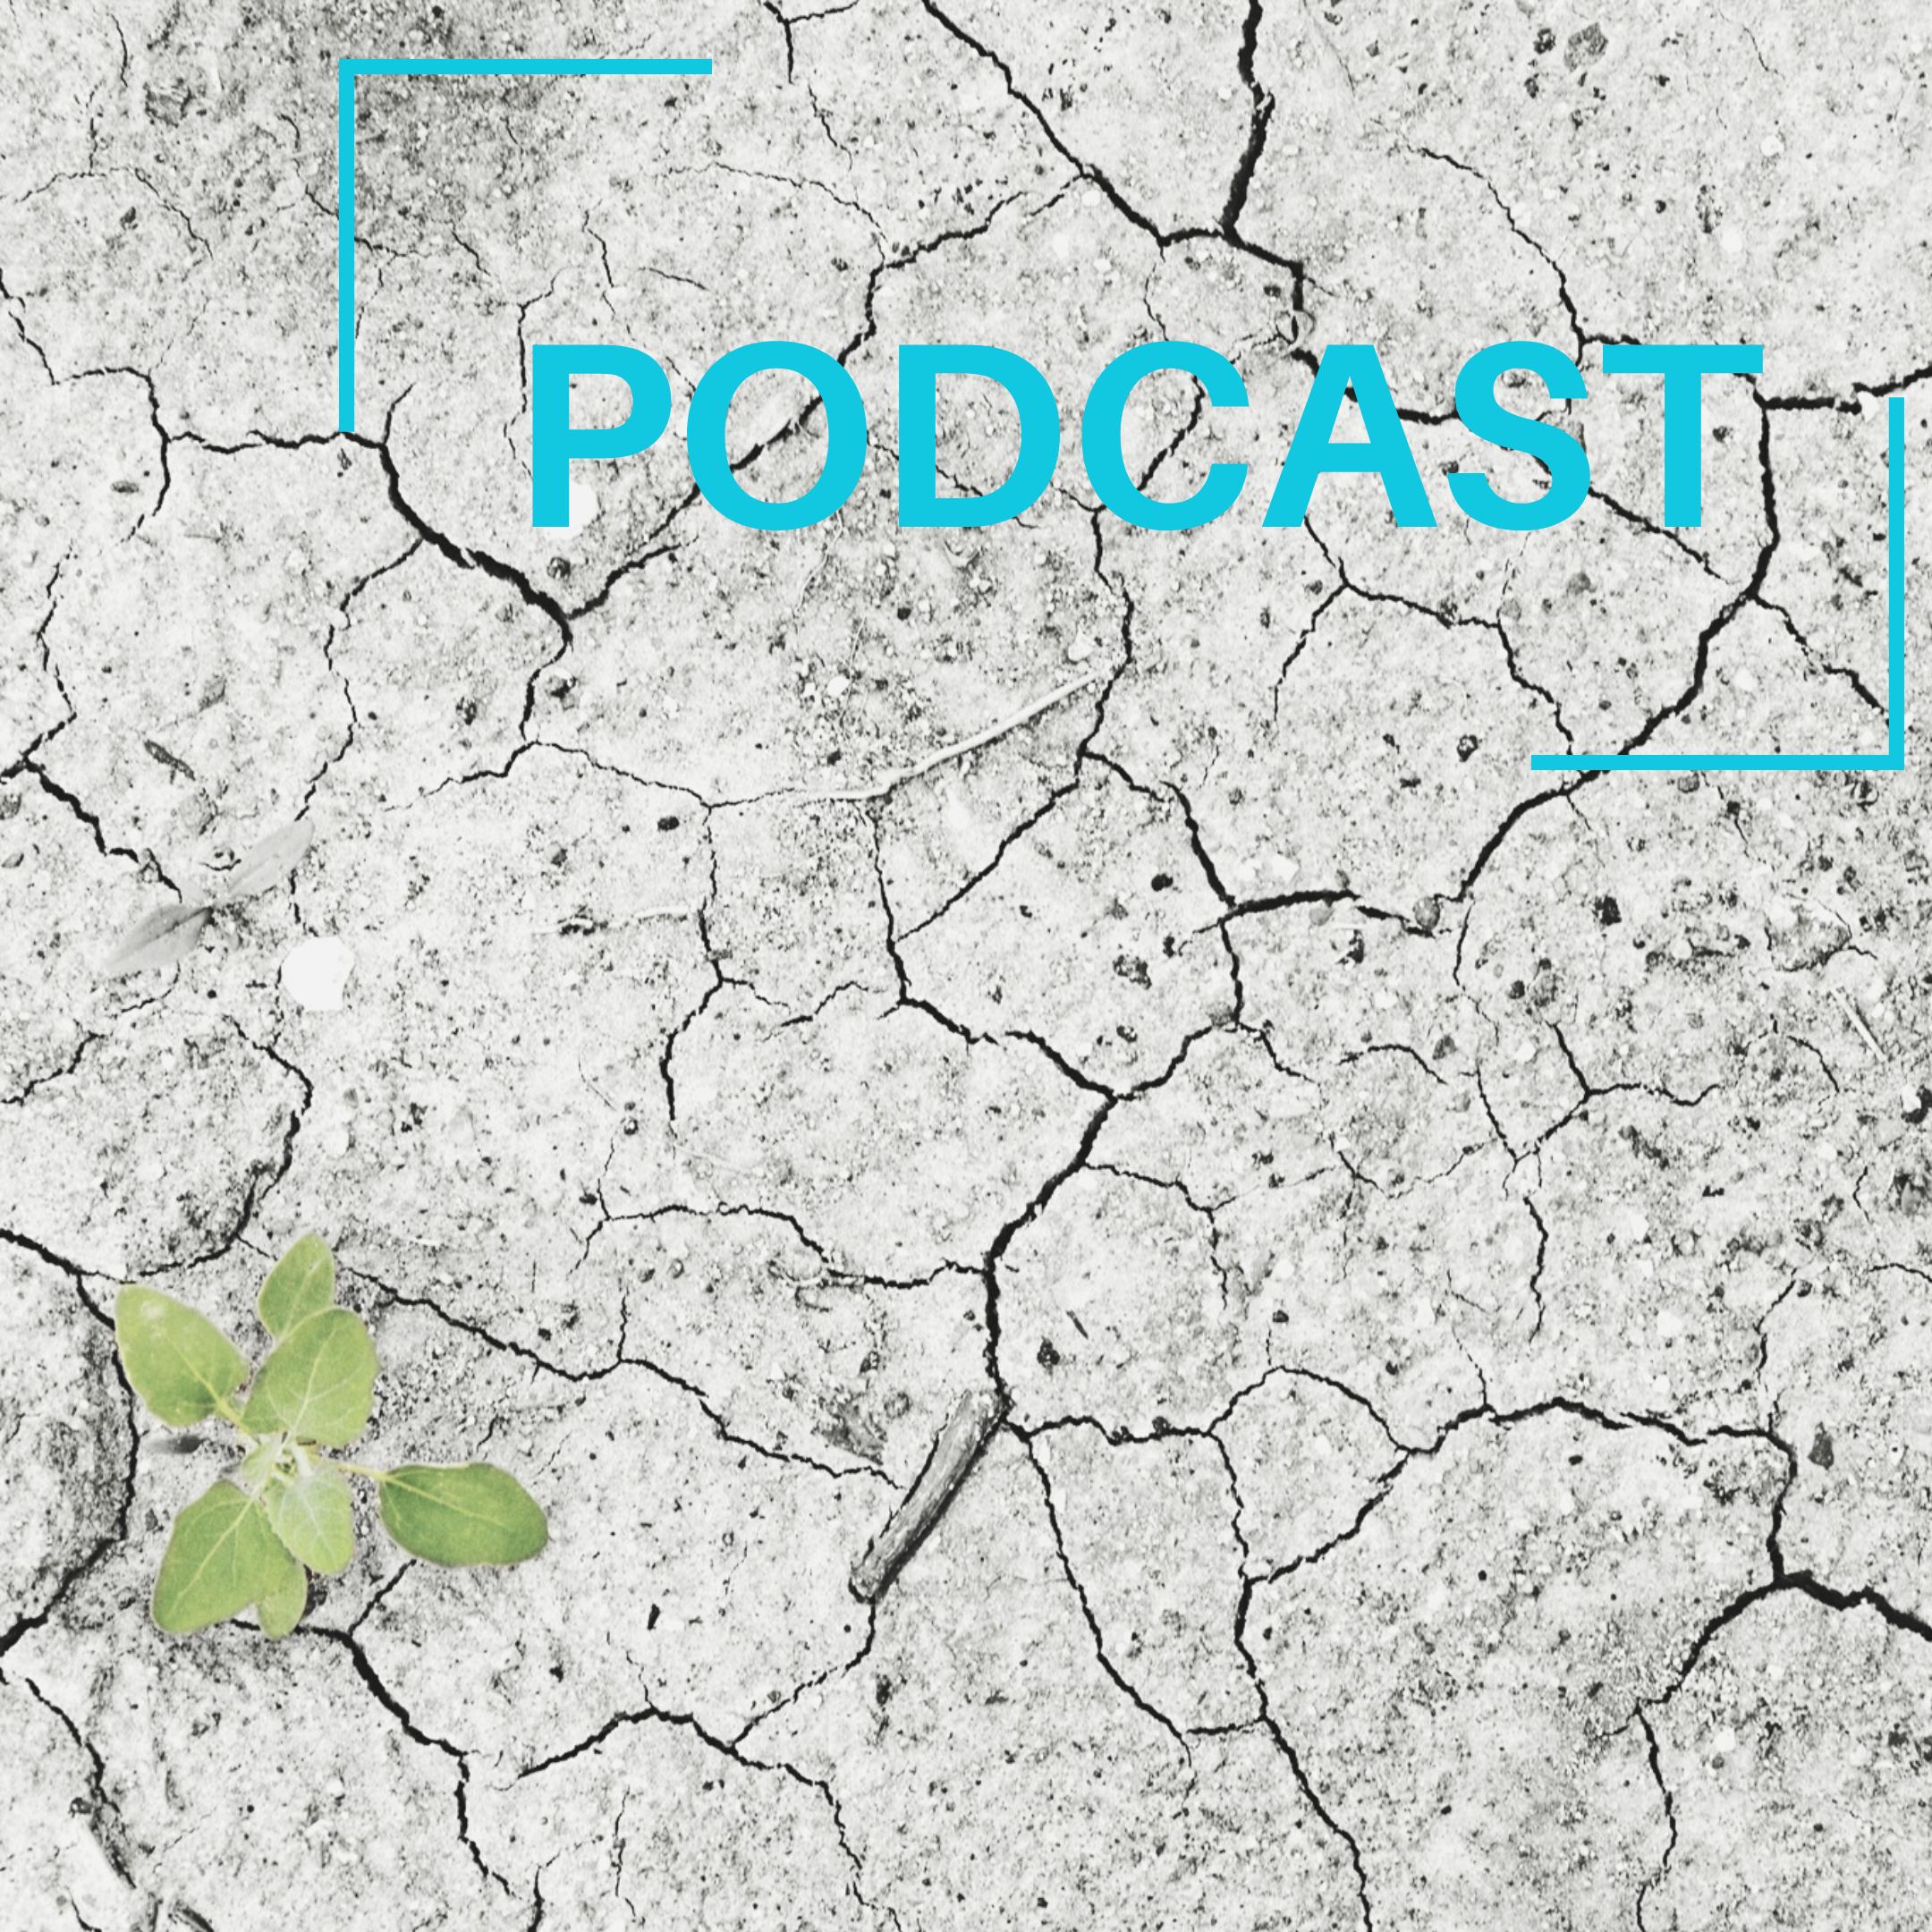 Réussir la transition écologique de l'Europe ? [Chronique Europe du 6 décembre | RCF]